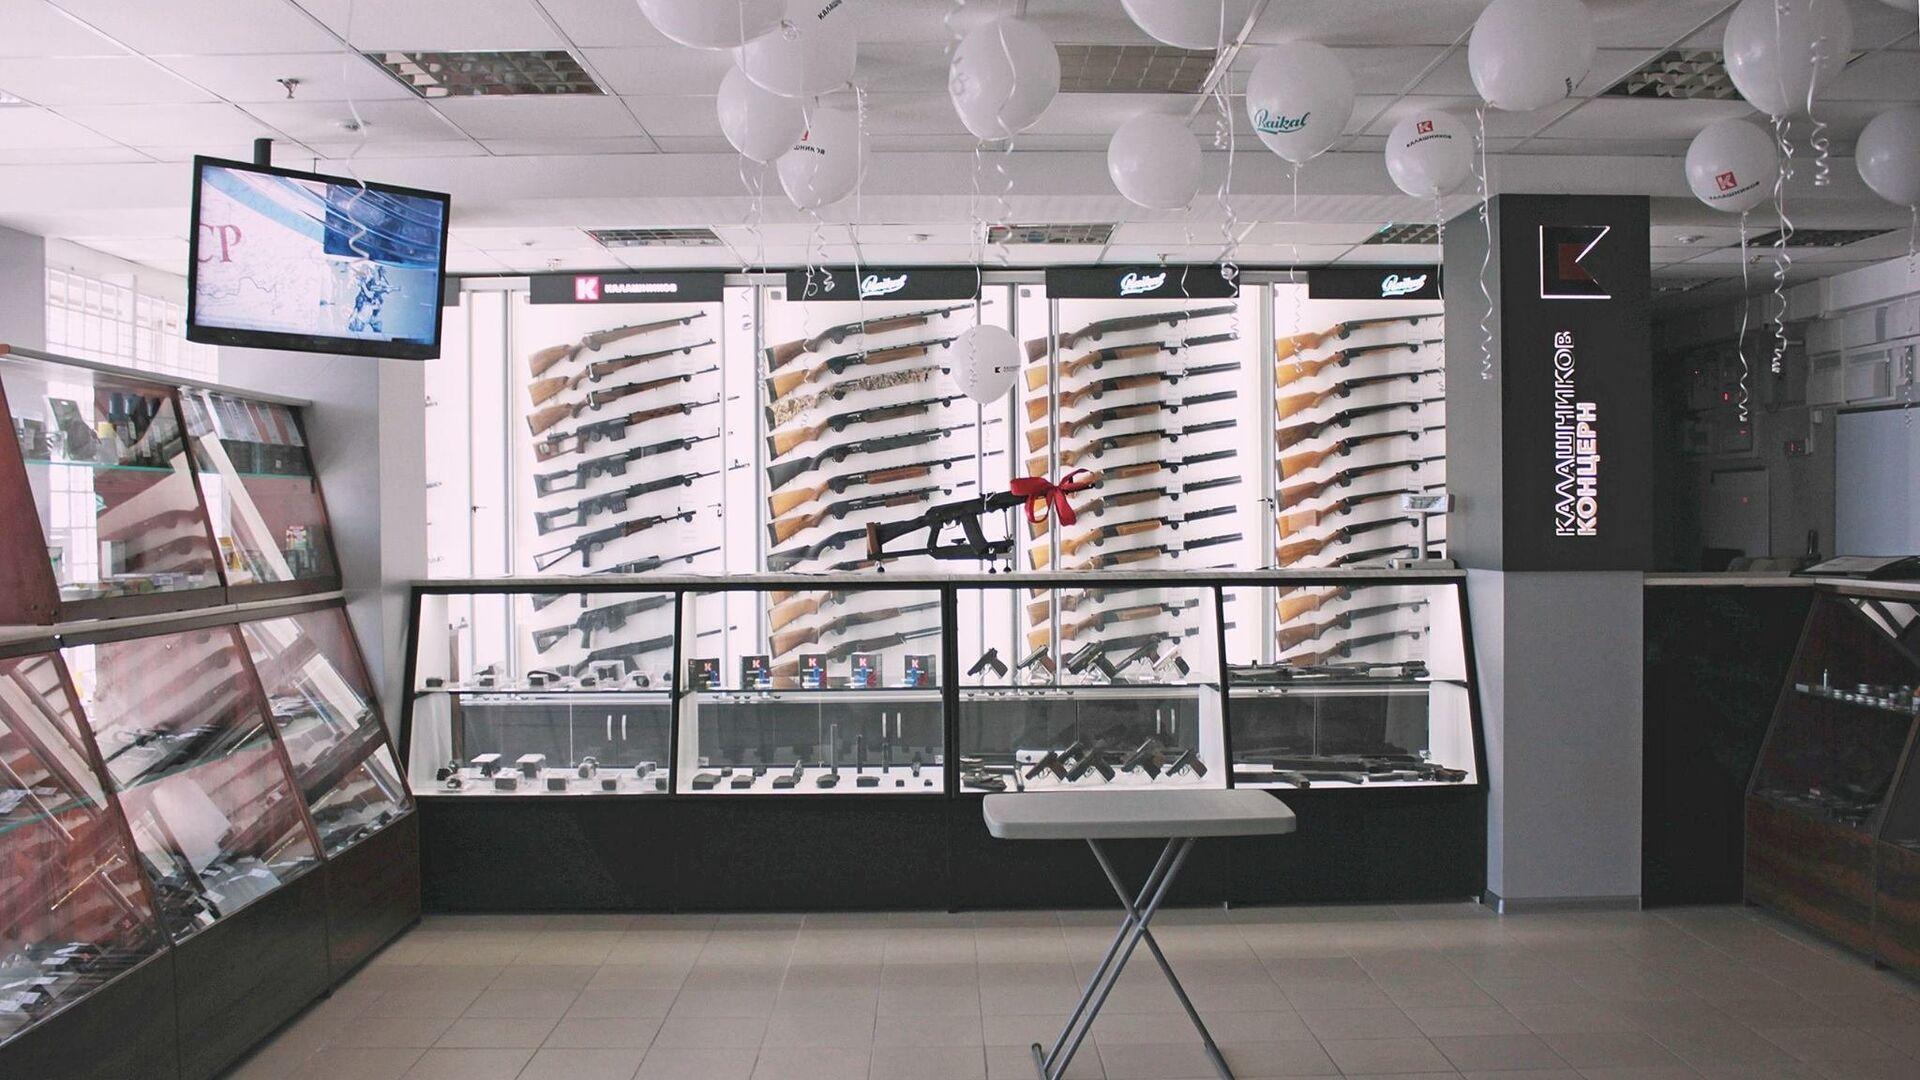 Концерн Калашников открыл первые шесть региональных сервисных центров по обслуживанию гражданского оружия - РИА Новости, 1920, 04.08.2021